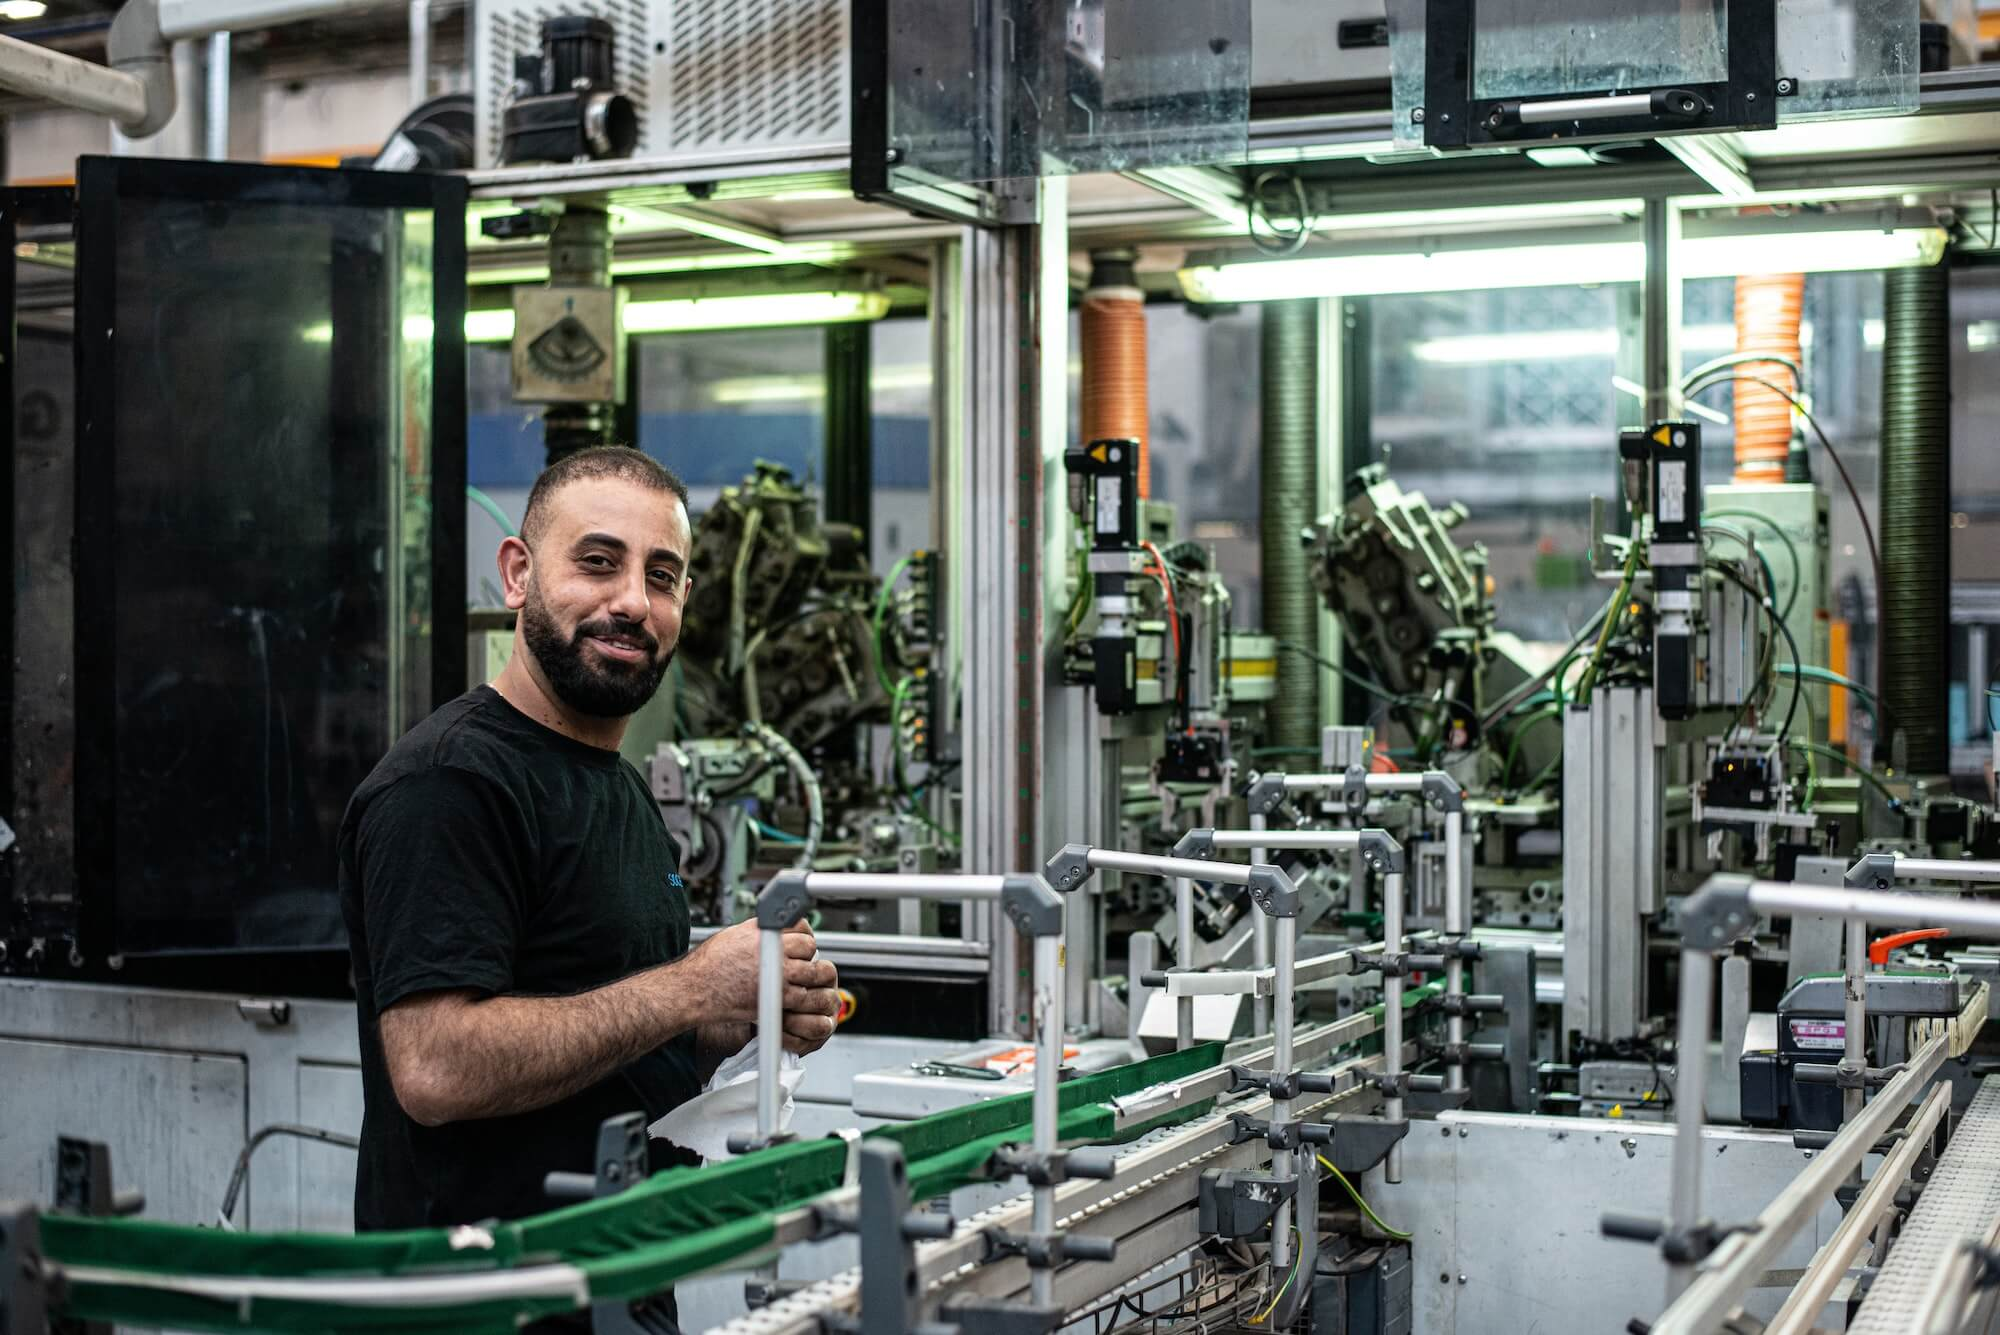 Ouvrier dans une usine de fabrication